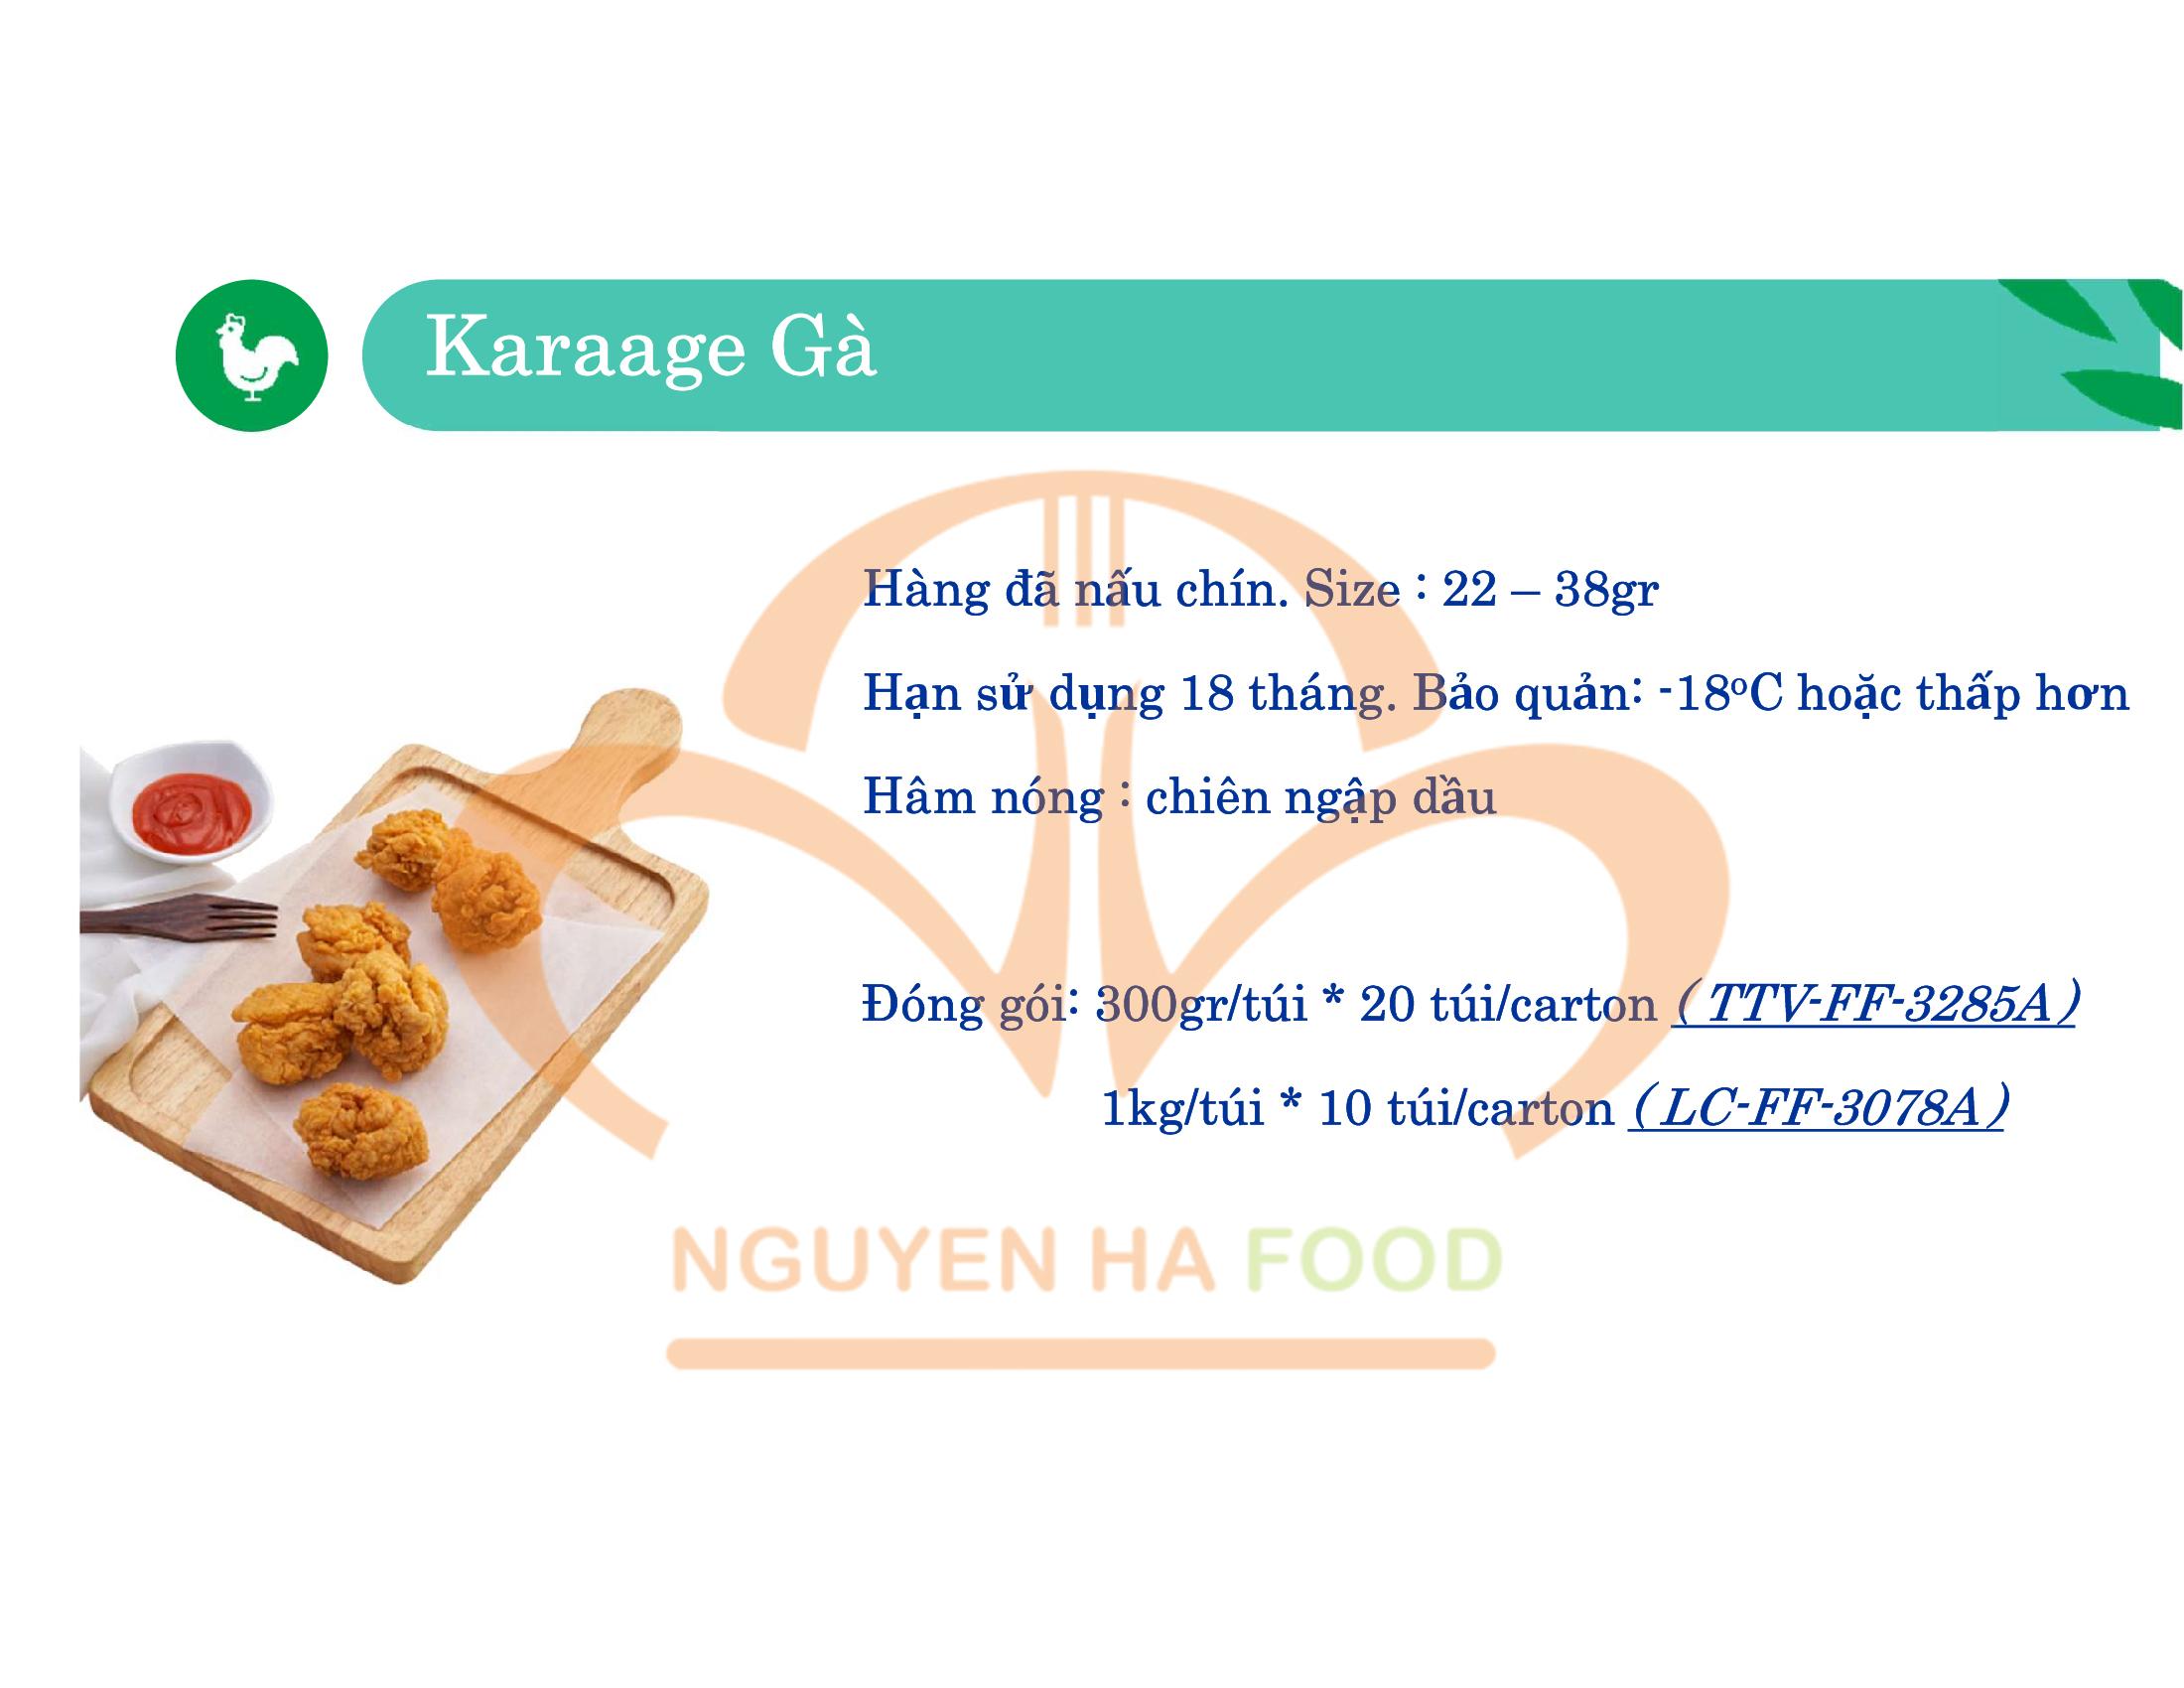 02 GA KARAAGE CP NGUYEN HA FOOD